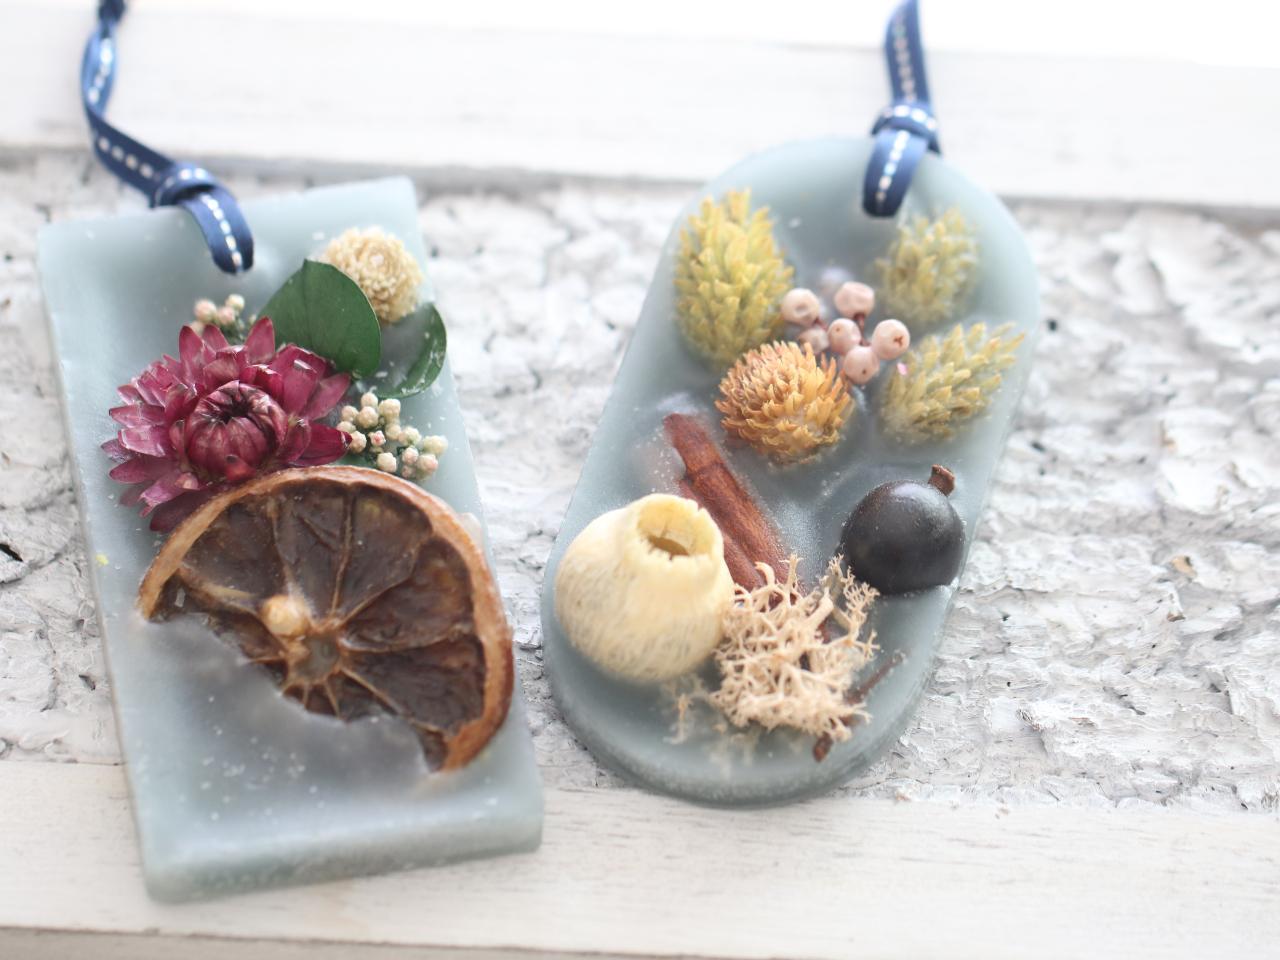 【徳島 鳴門】藍のアロマワックスバー作り 壁掛飾りに芳香に アロマオイル付き